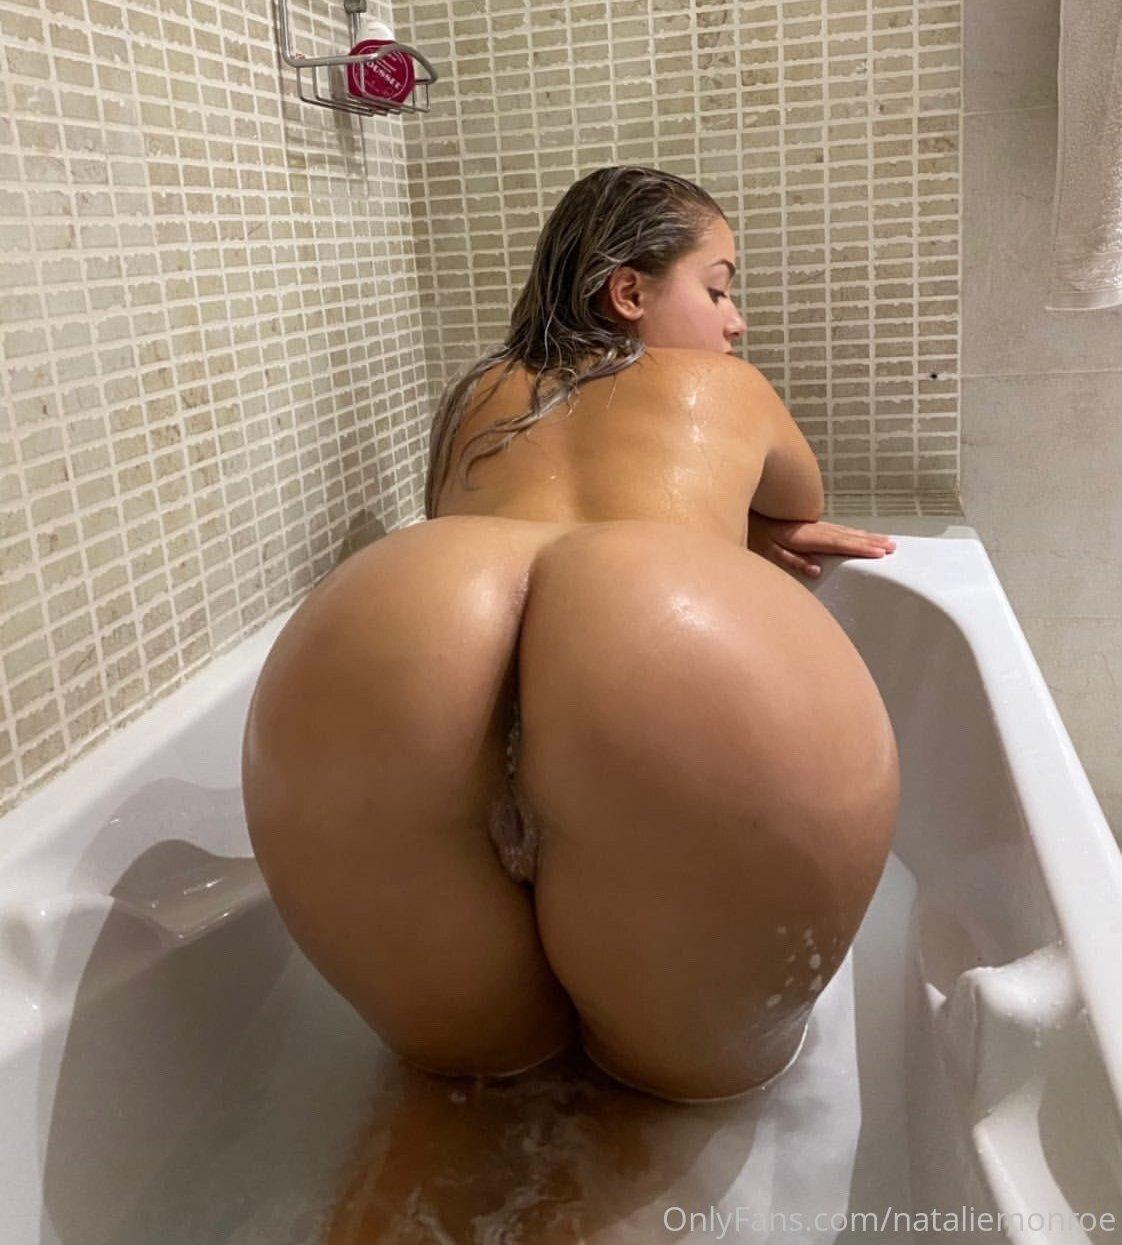 Natalie Monroe Nataliemonroe Onlyfans Nude Leaks 0008